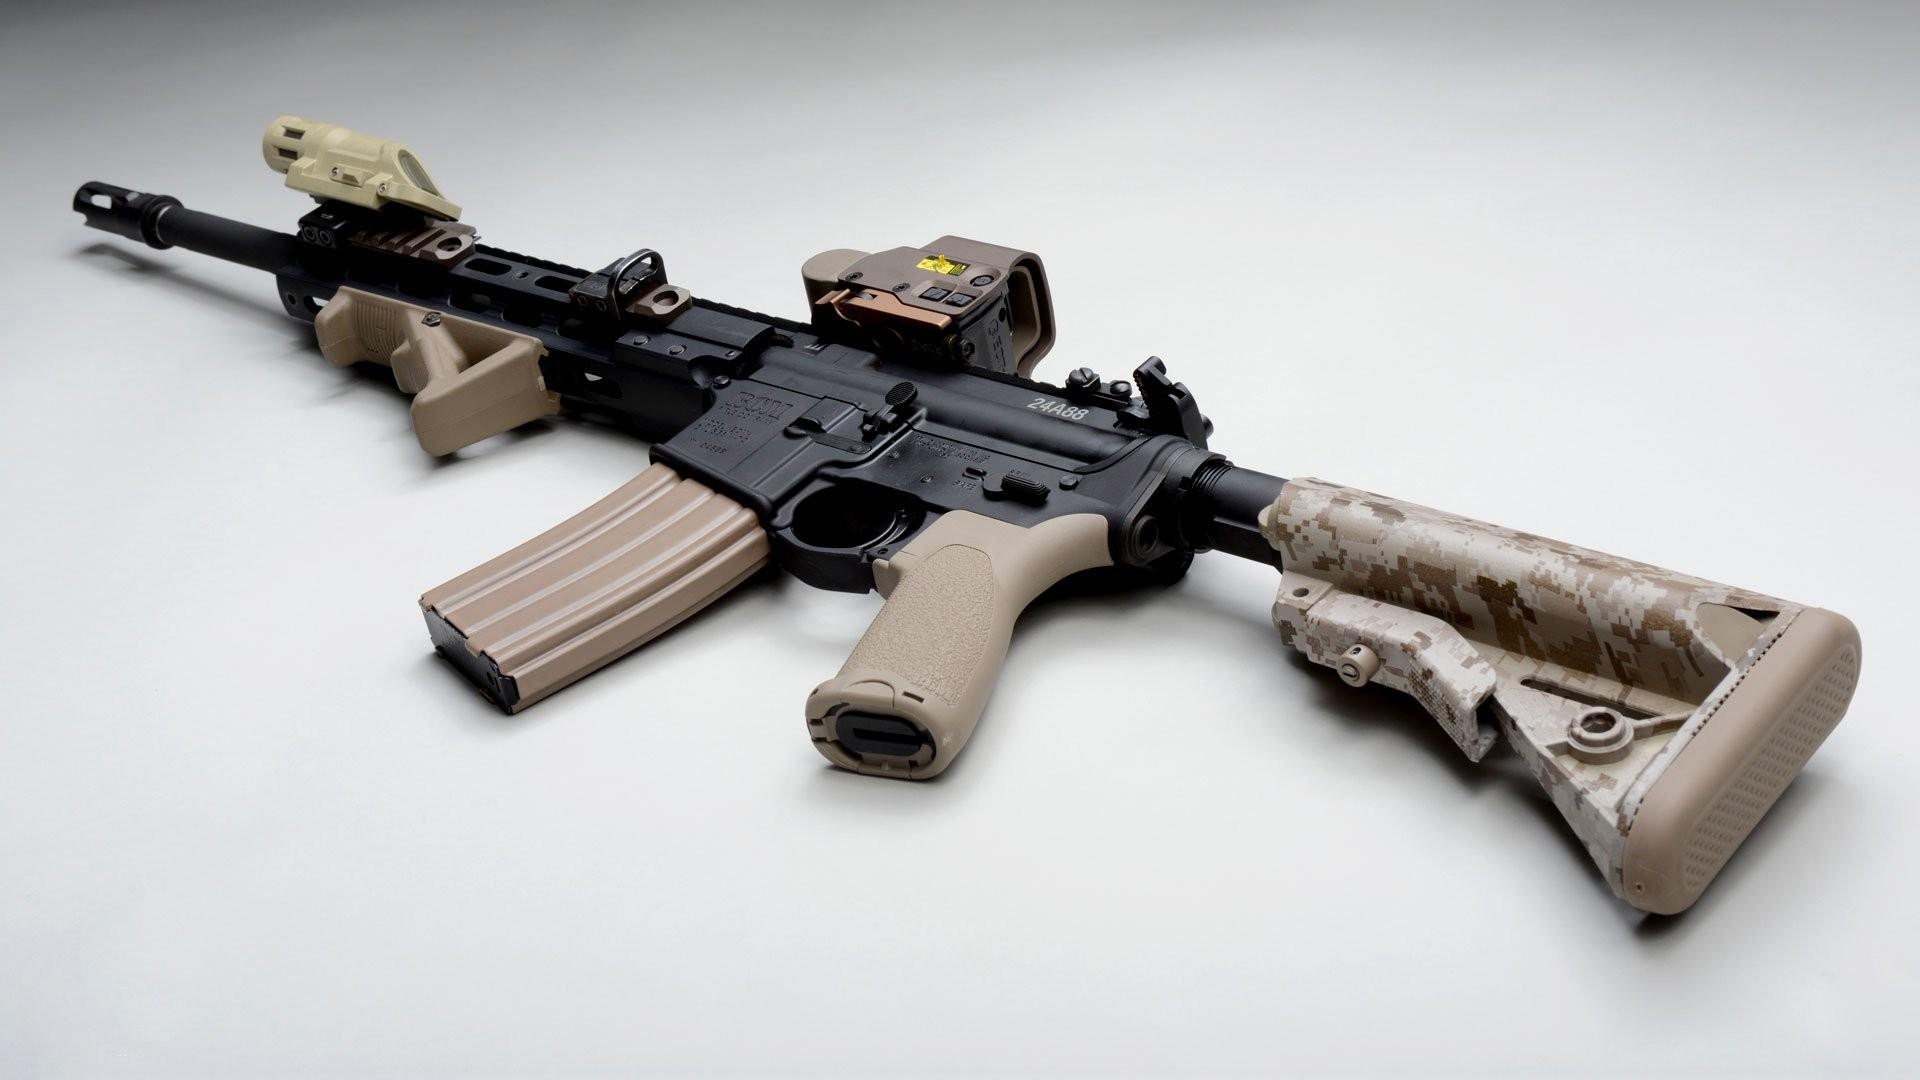 Automatic AR-15 Assault Rifle